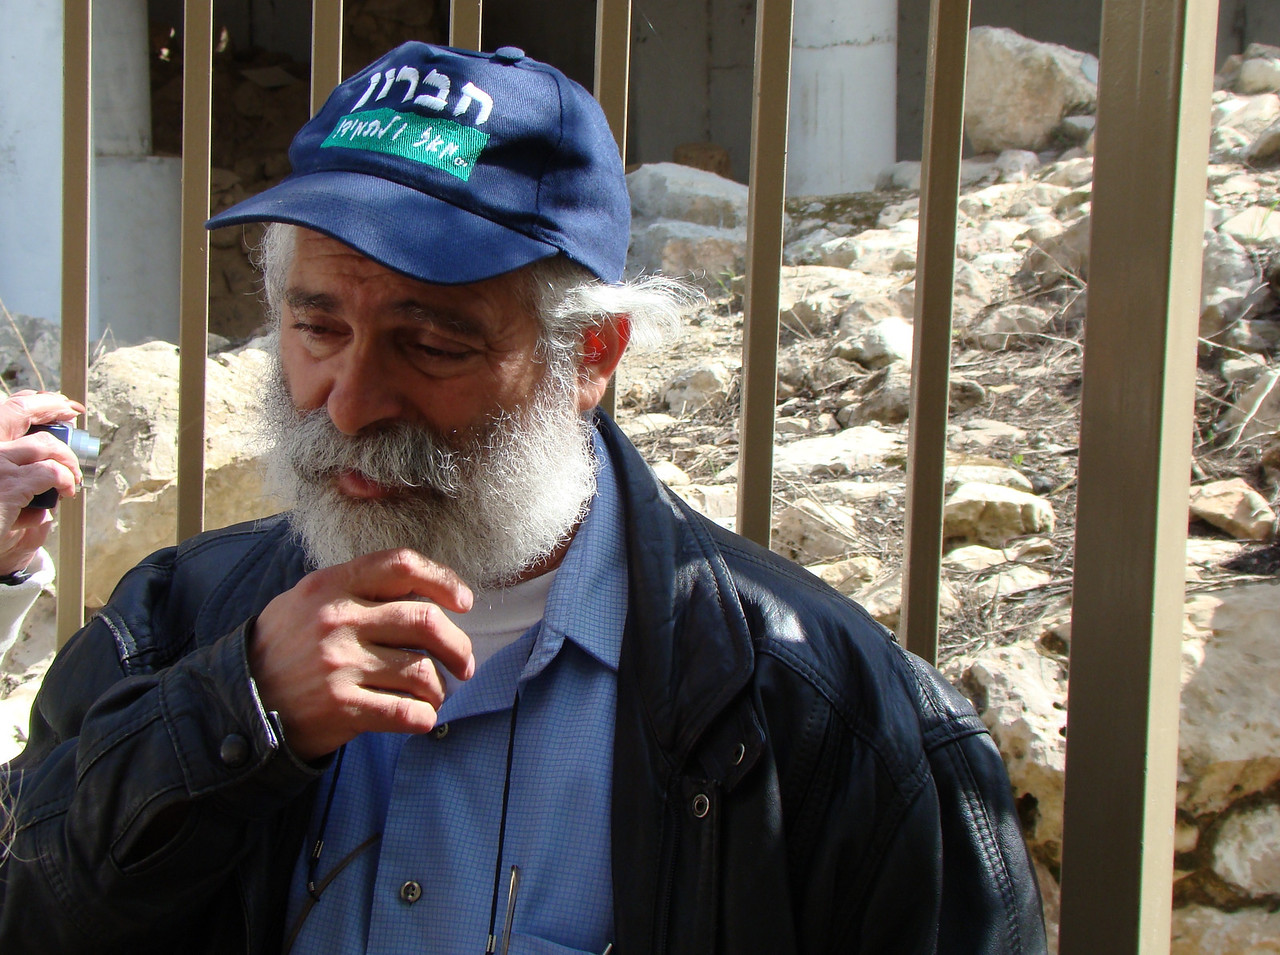 David Wilder, Hebron Community Spokesman, Our Guide Through Hebron